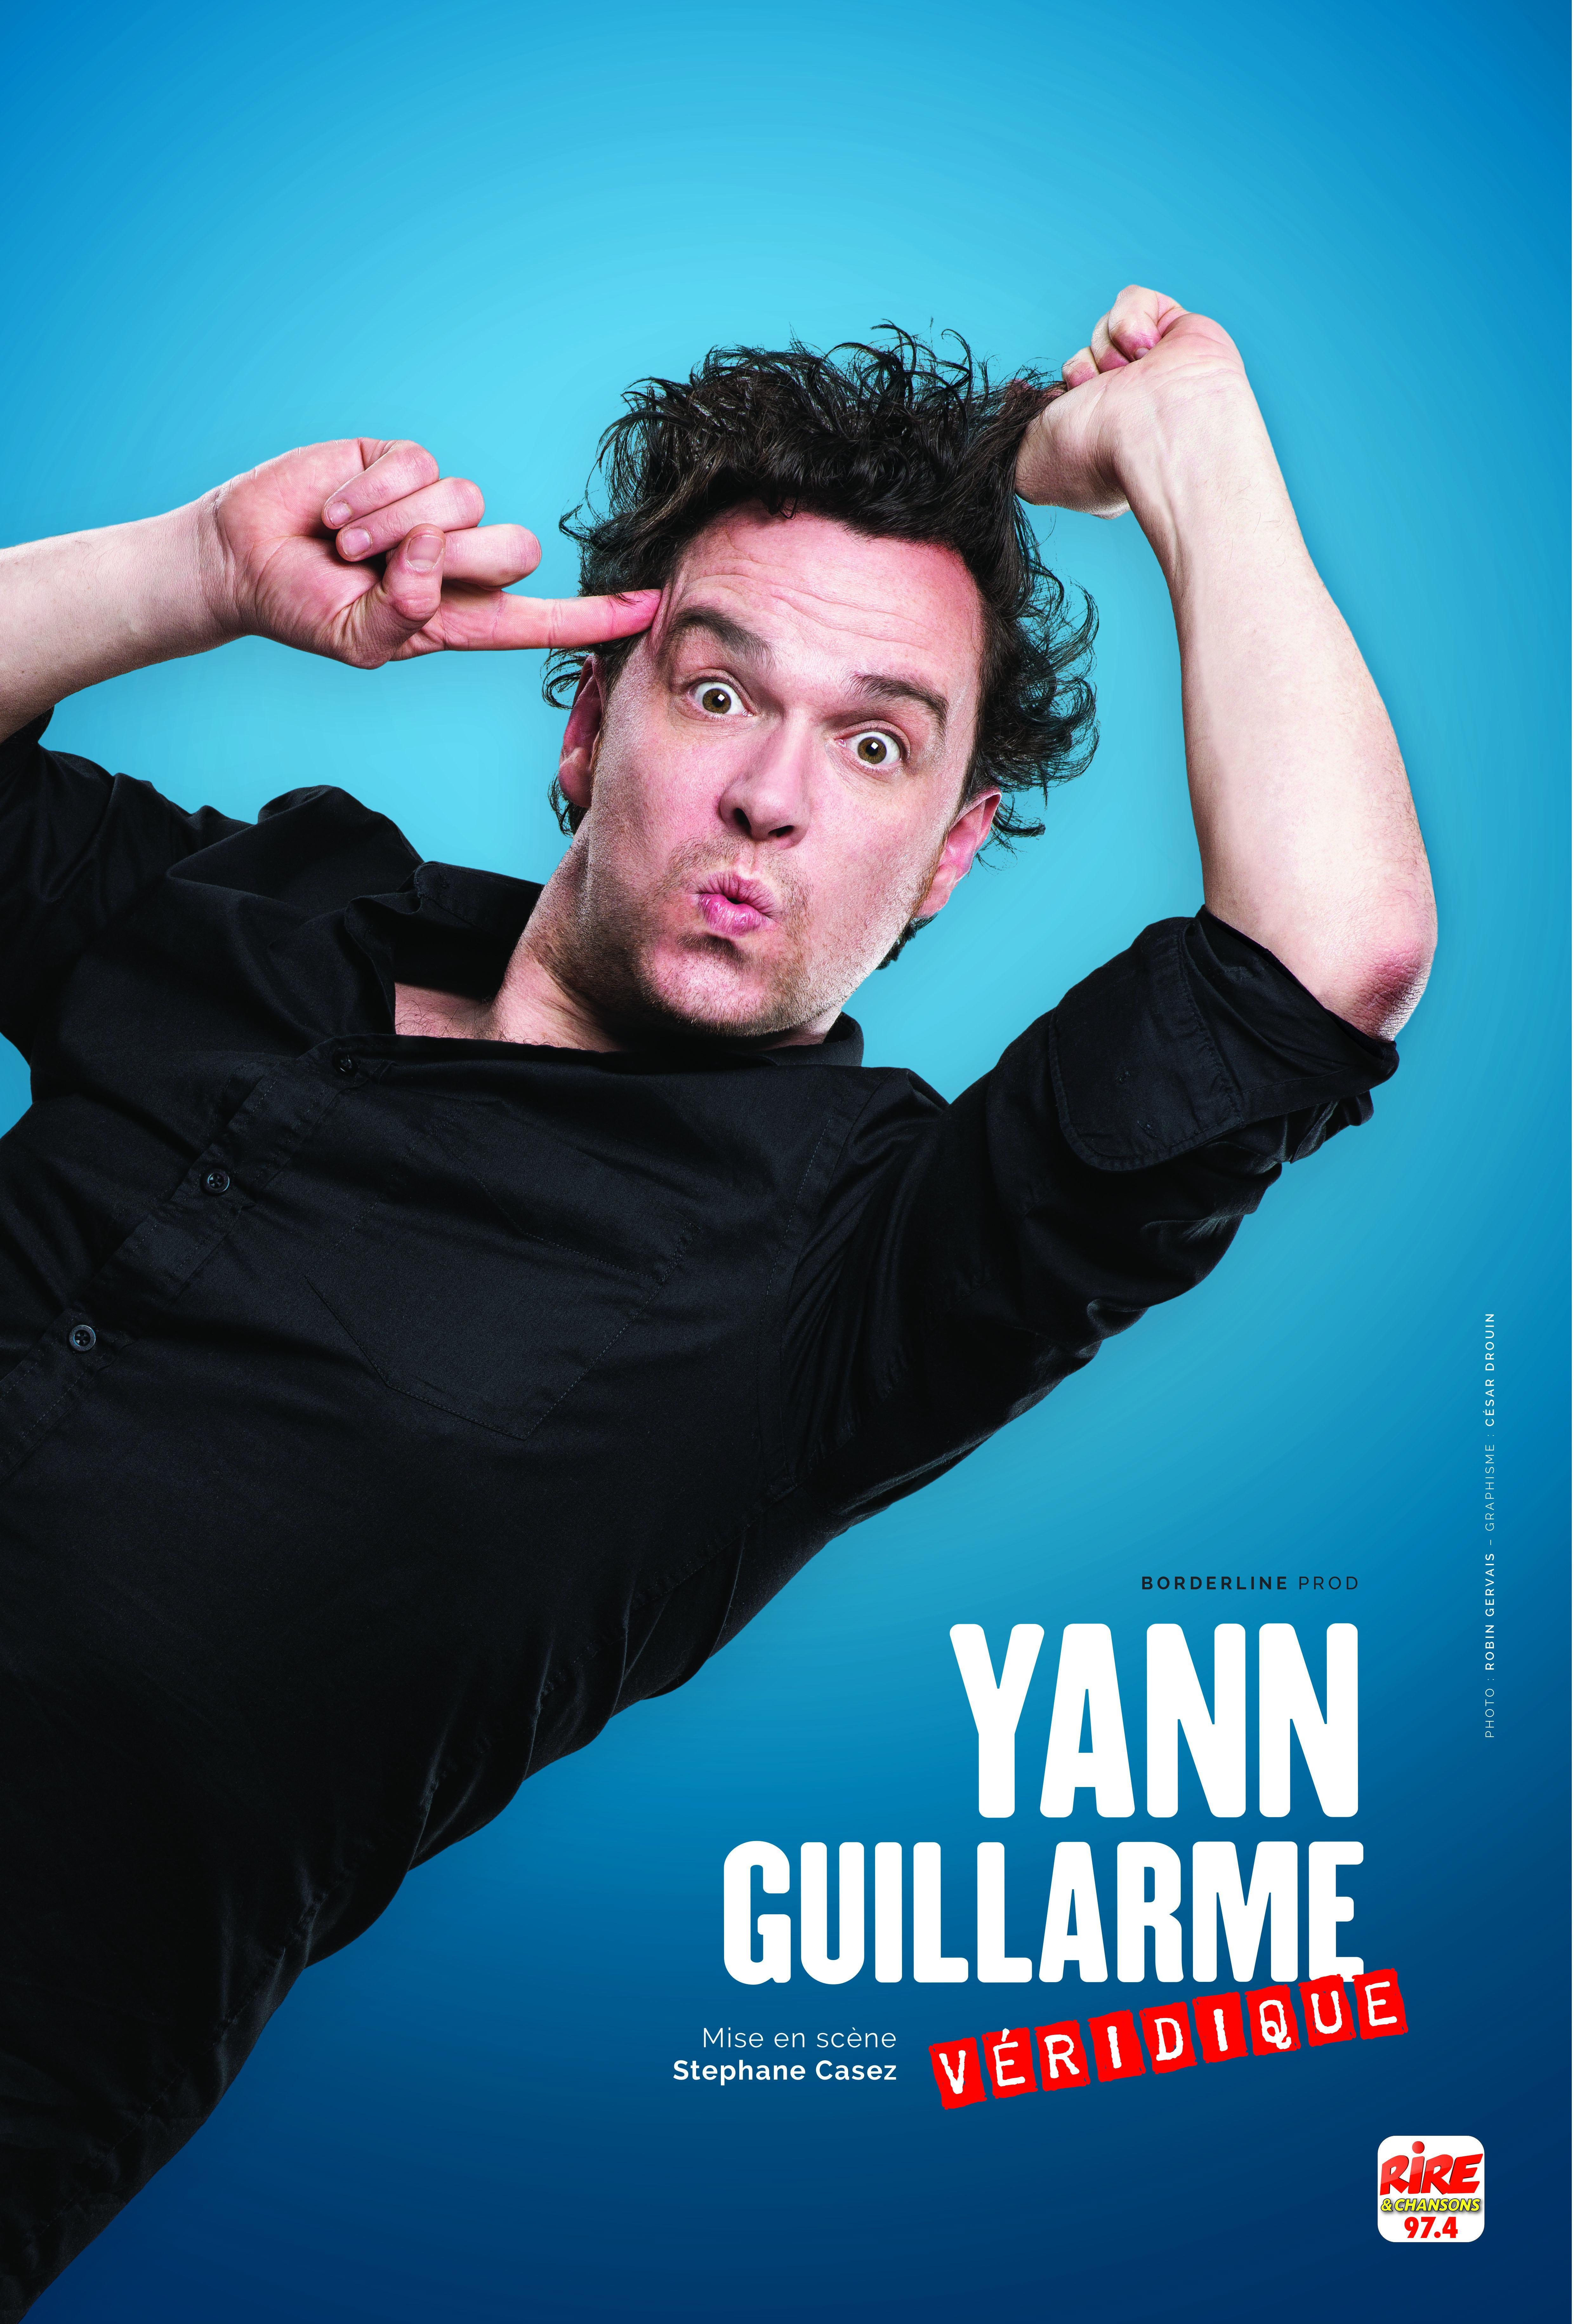 FESTIVAL RIRE EN SEINE : Yann Guillarme - Dimanche 15 octobre